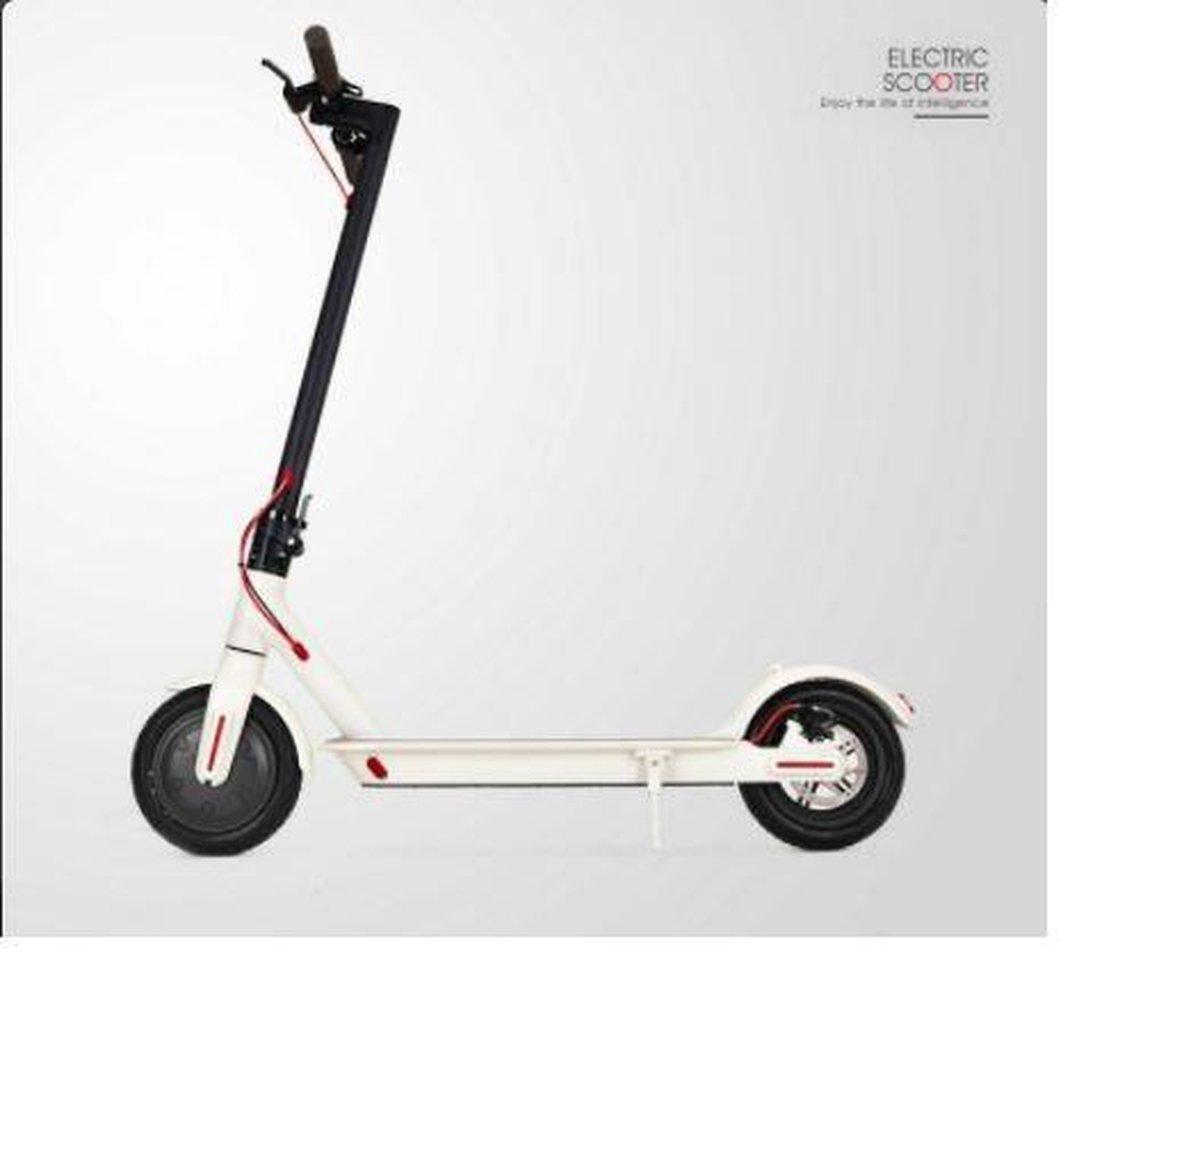 Alfarad elektrische step met app functie elektrische step elektrische step voor volwassenen eleketrische step voor kinderen online kopen